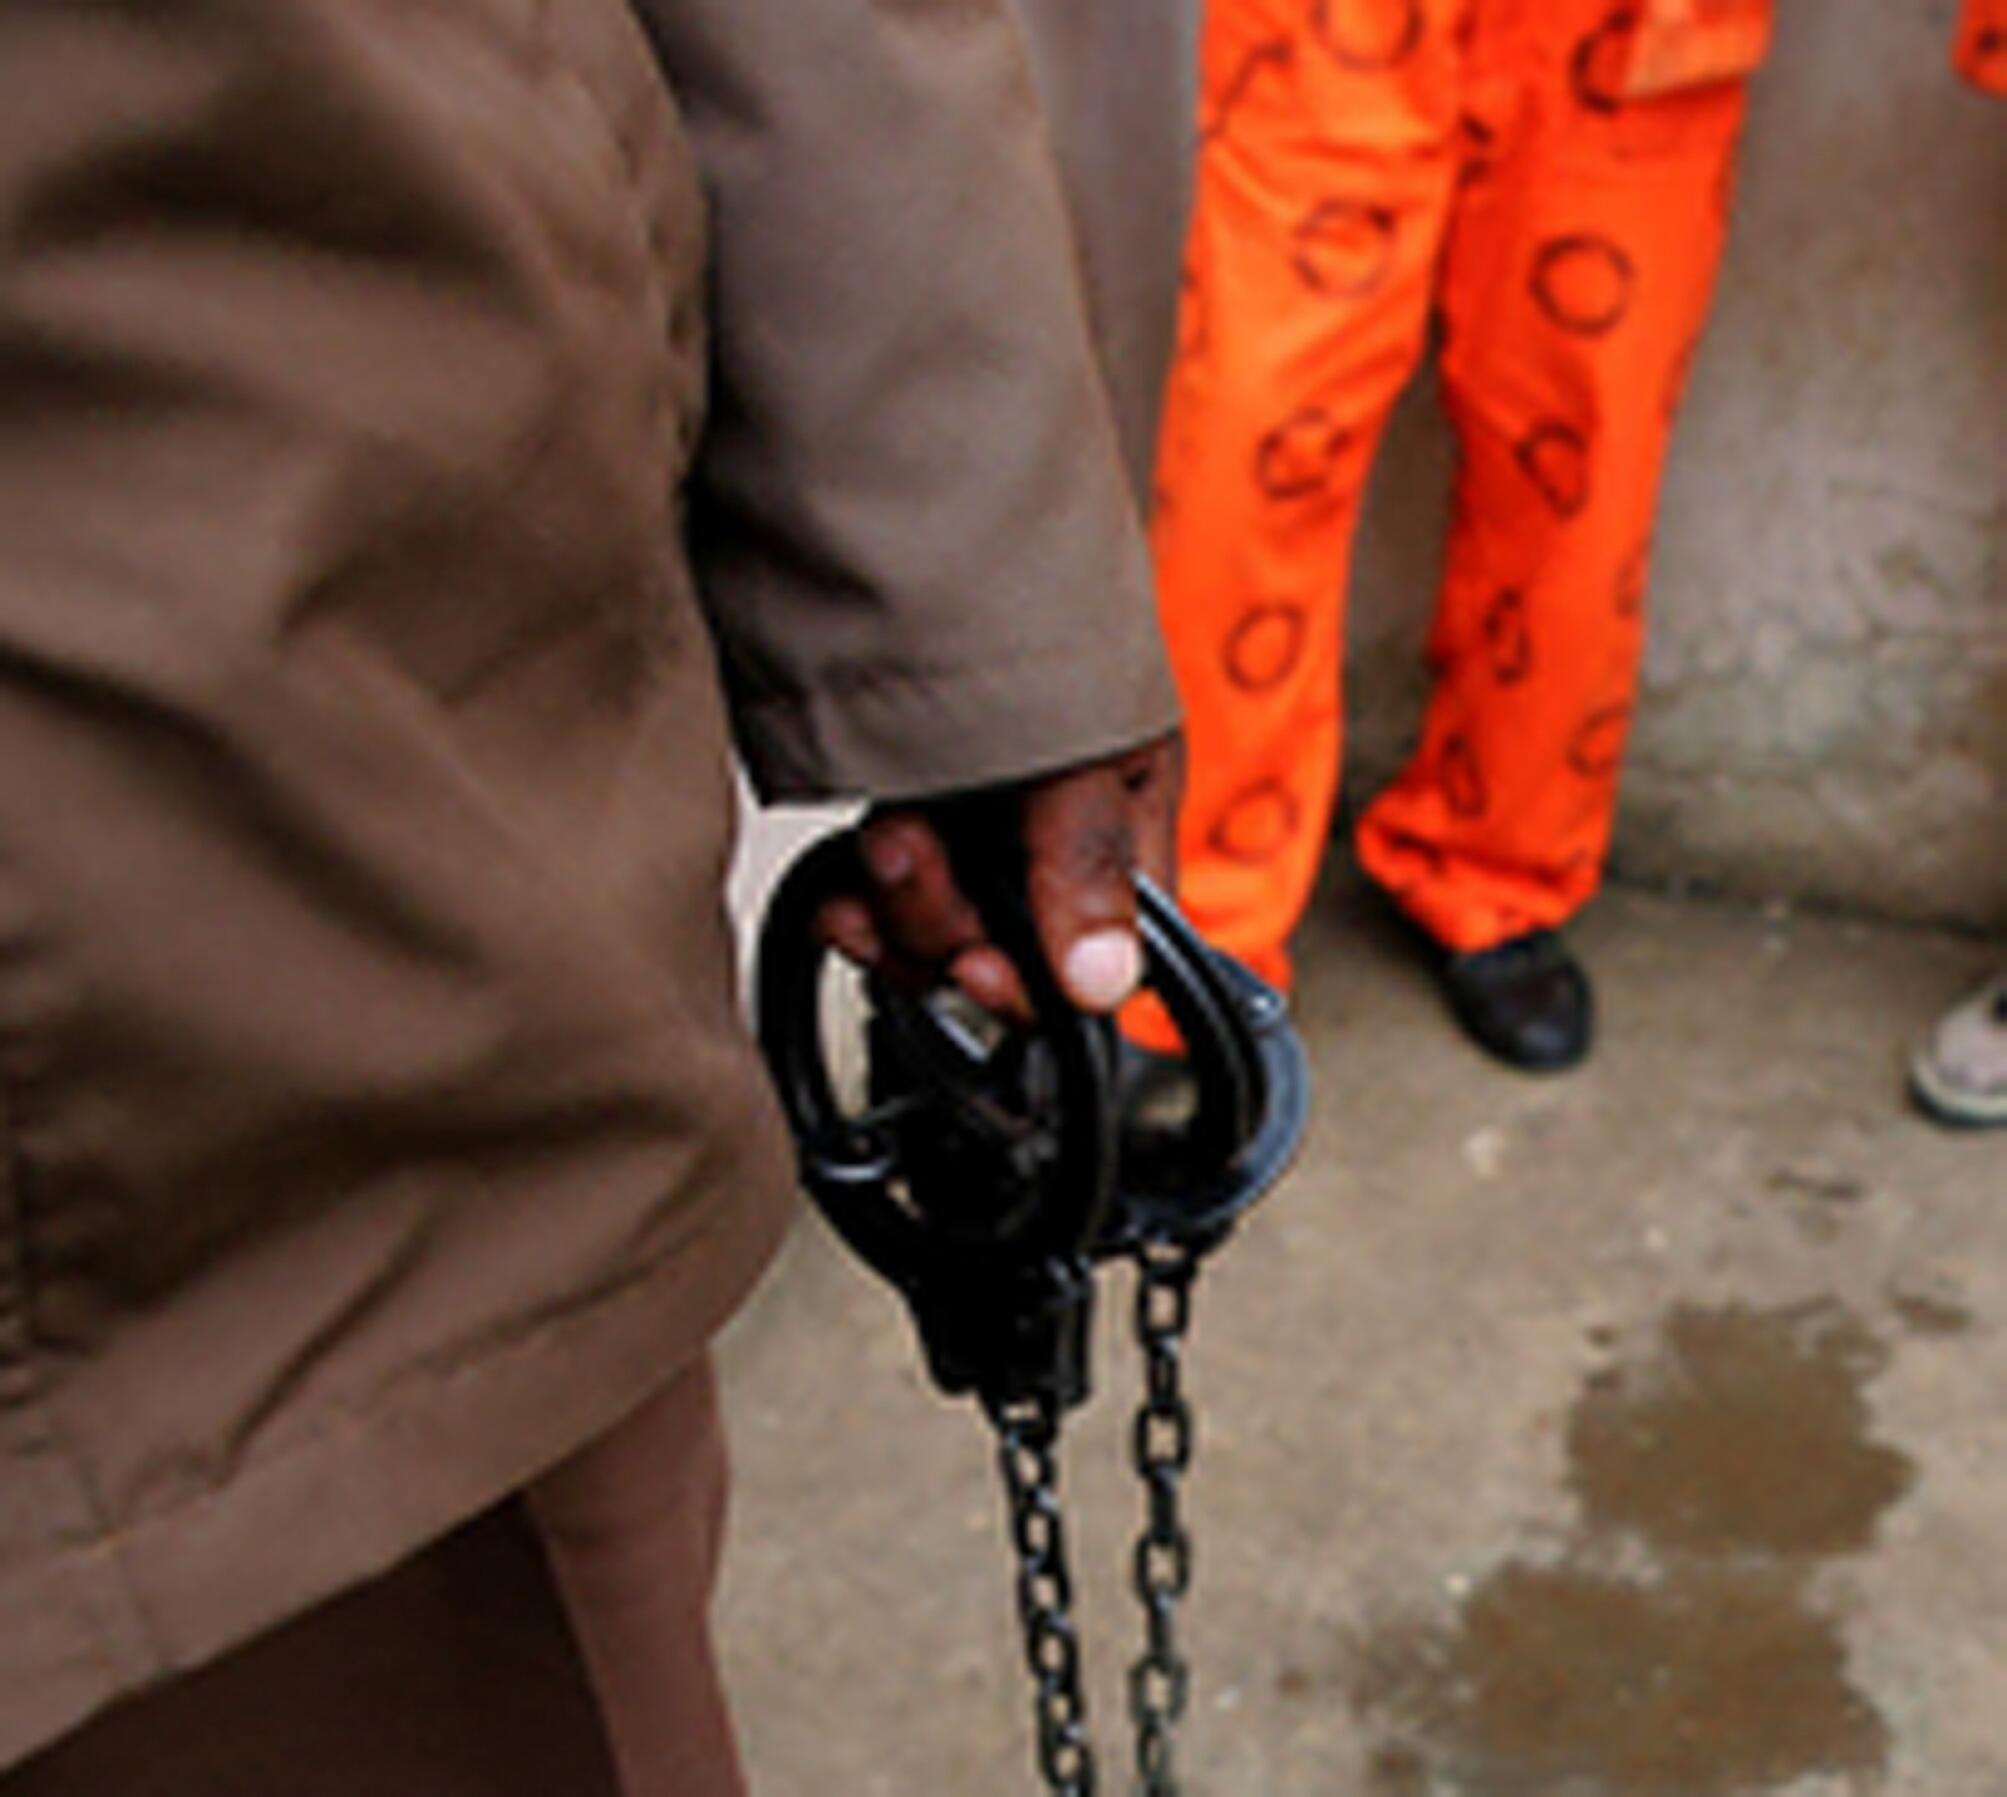 Prisoner in orange suit.